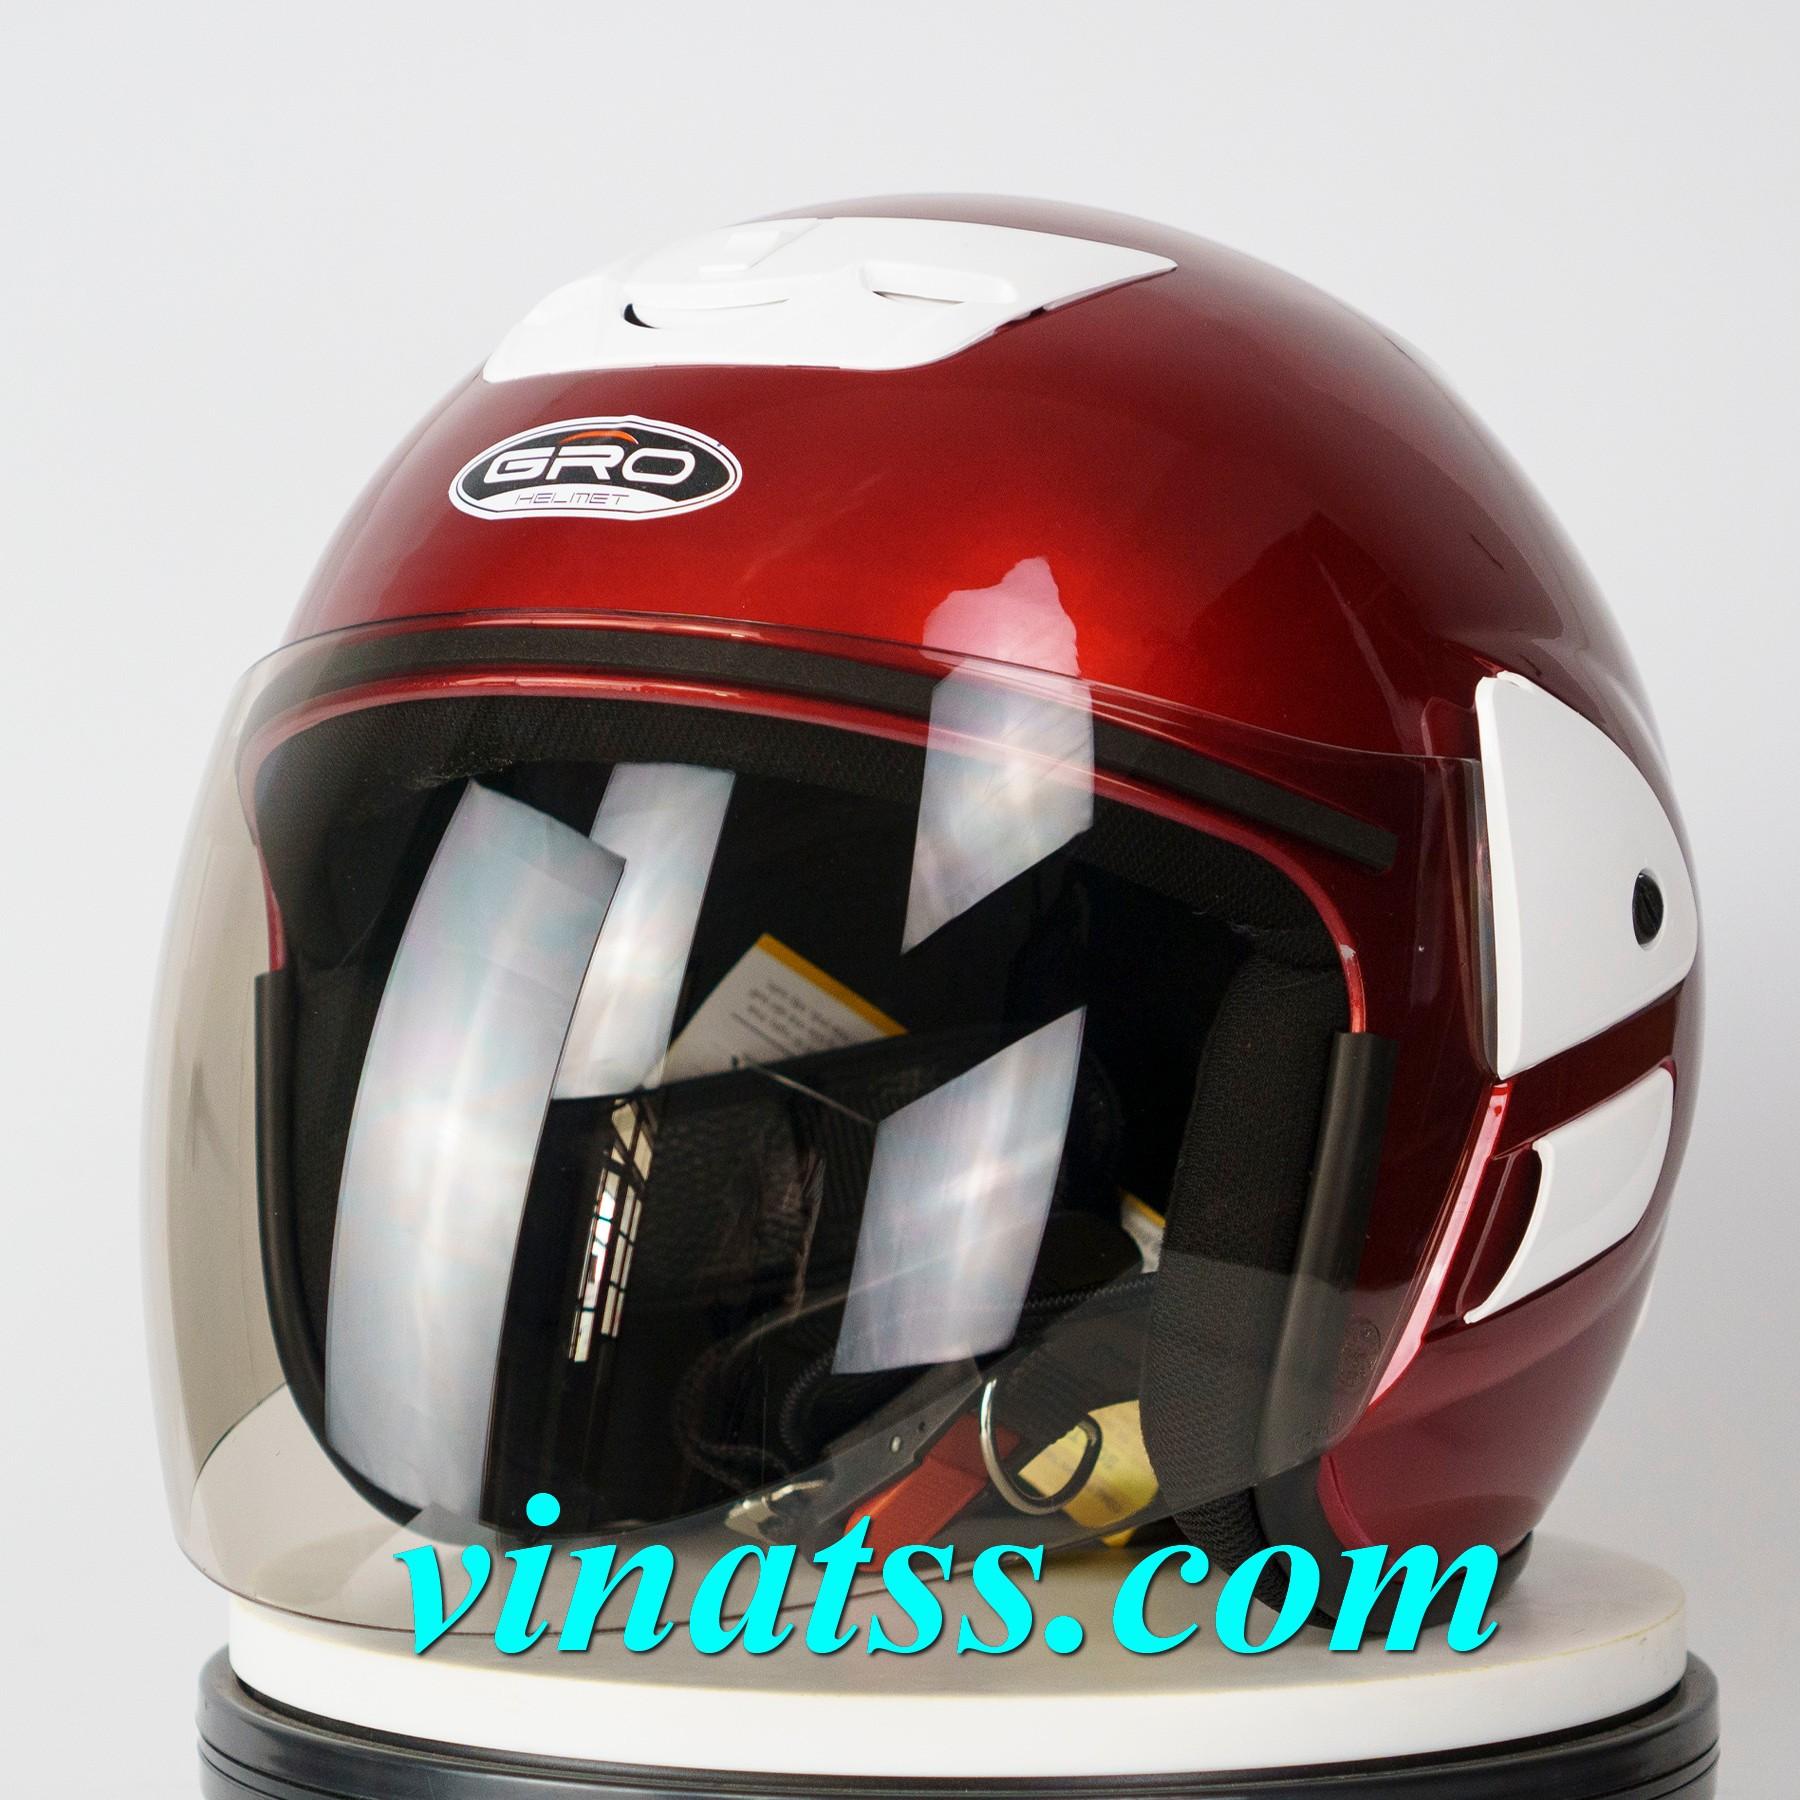 Mũ Bảo hiểm GRO 3/4 đầu - V2 Màu Đỏ Đô